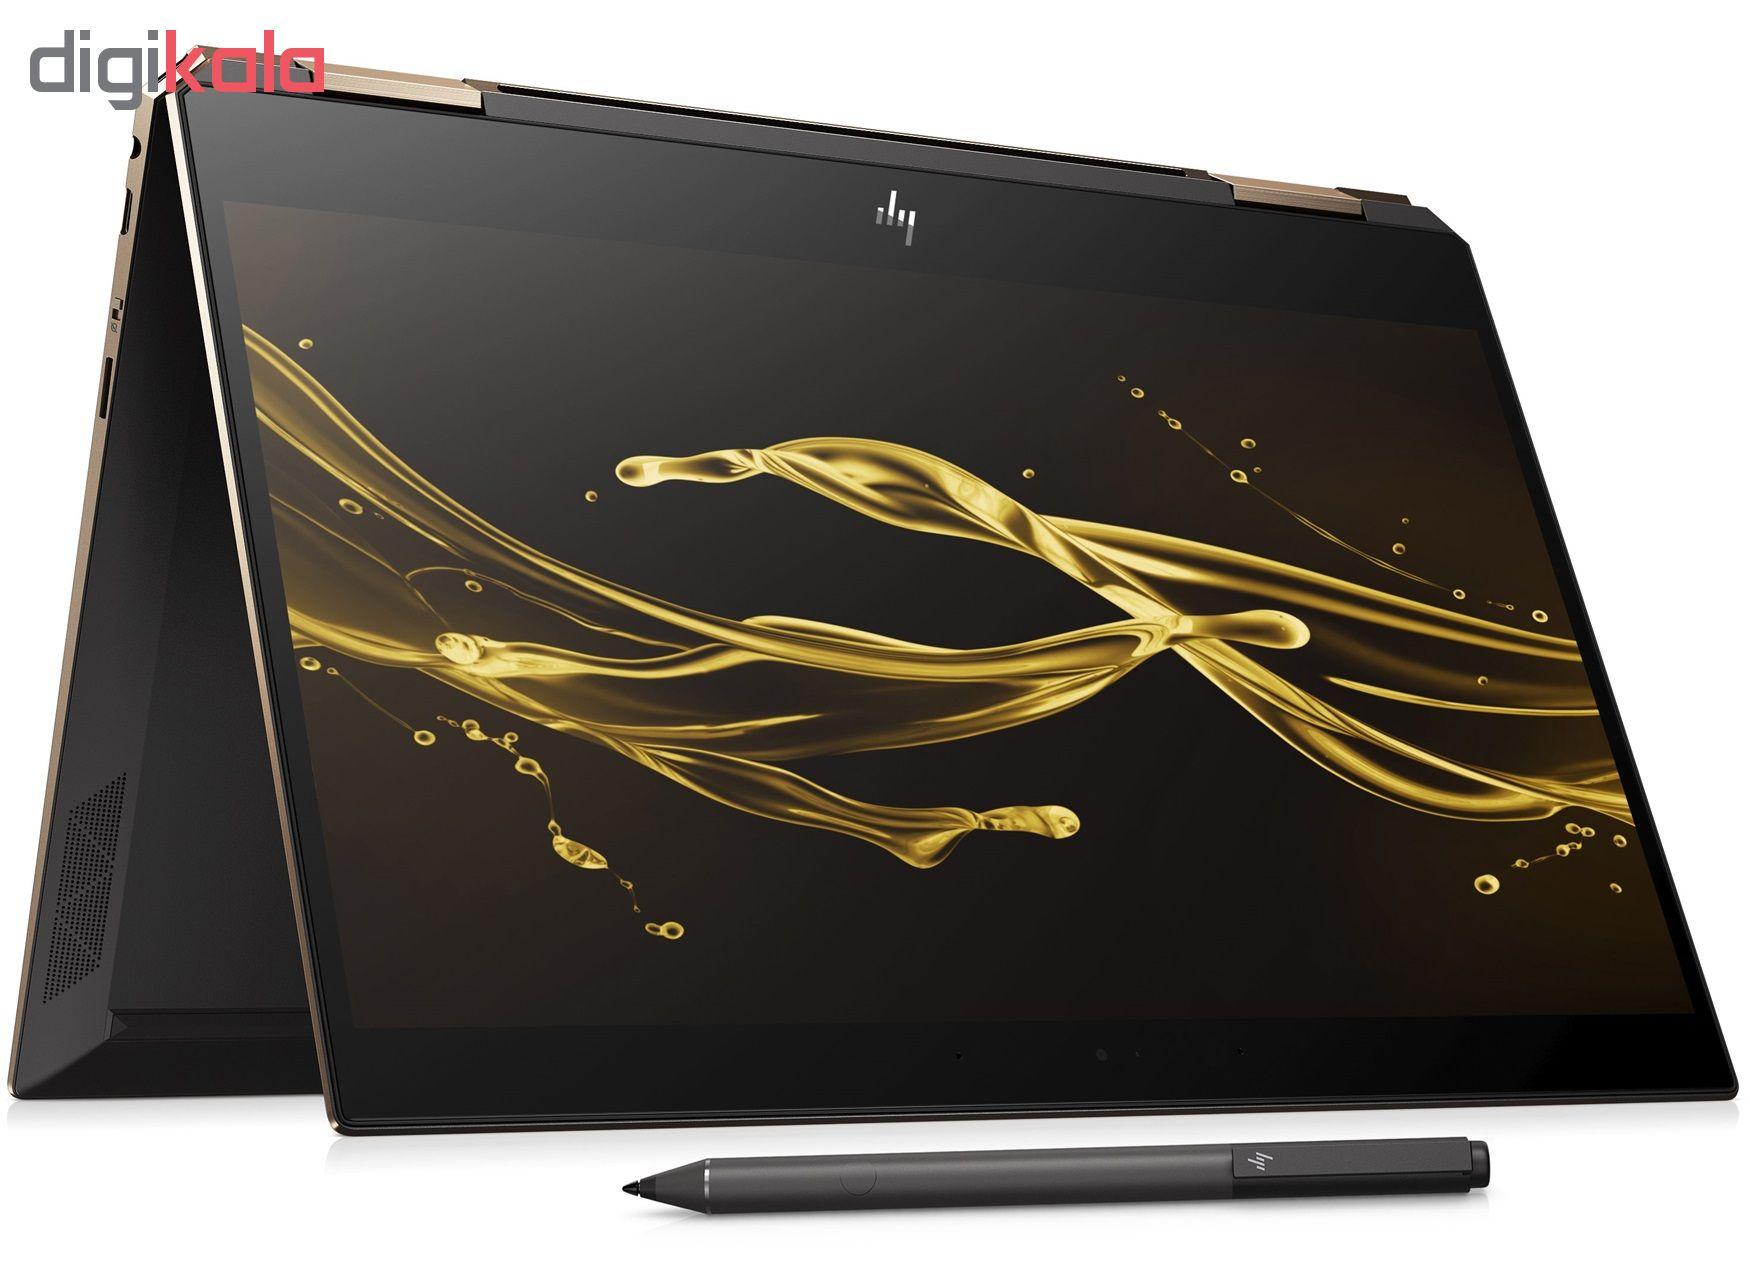 لپ تاپ 13 اینچی اچ پی مدل Spectre x360 13t-ap000 - E